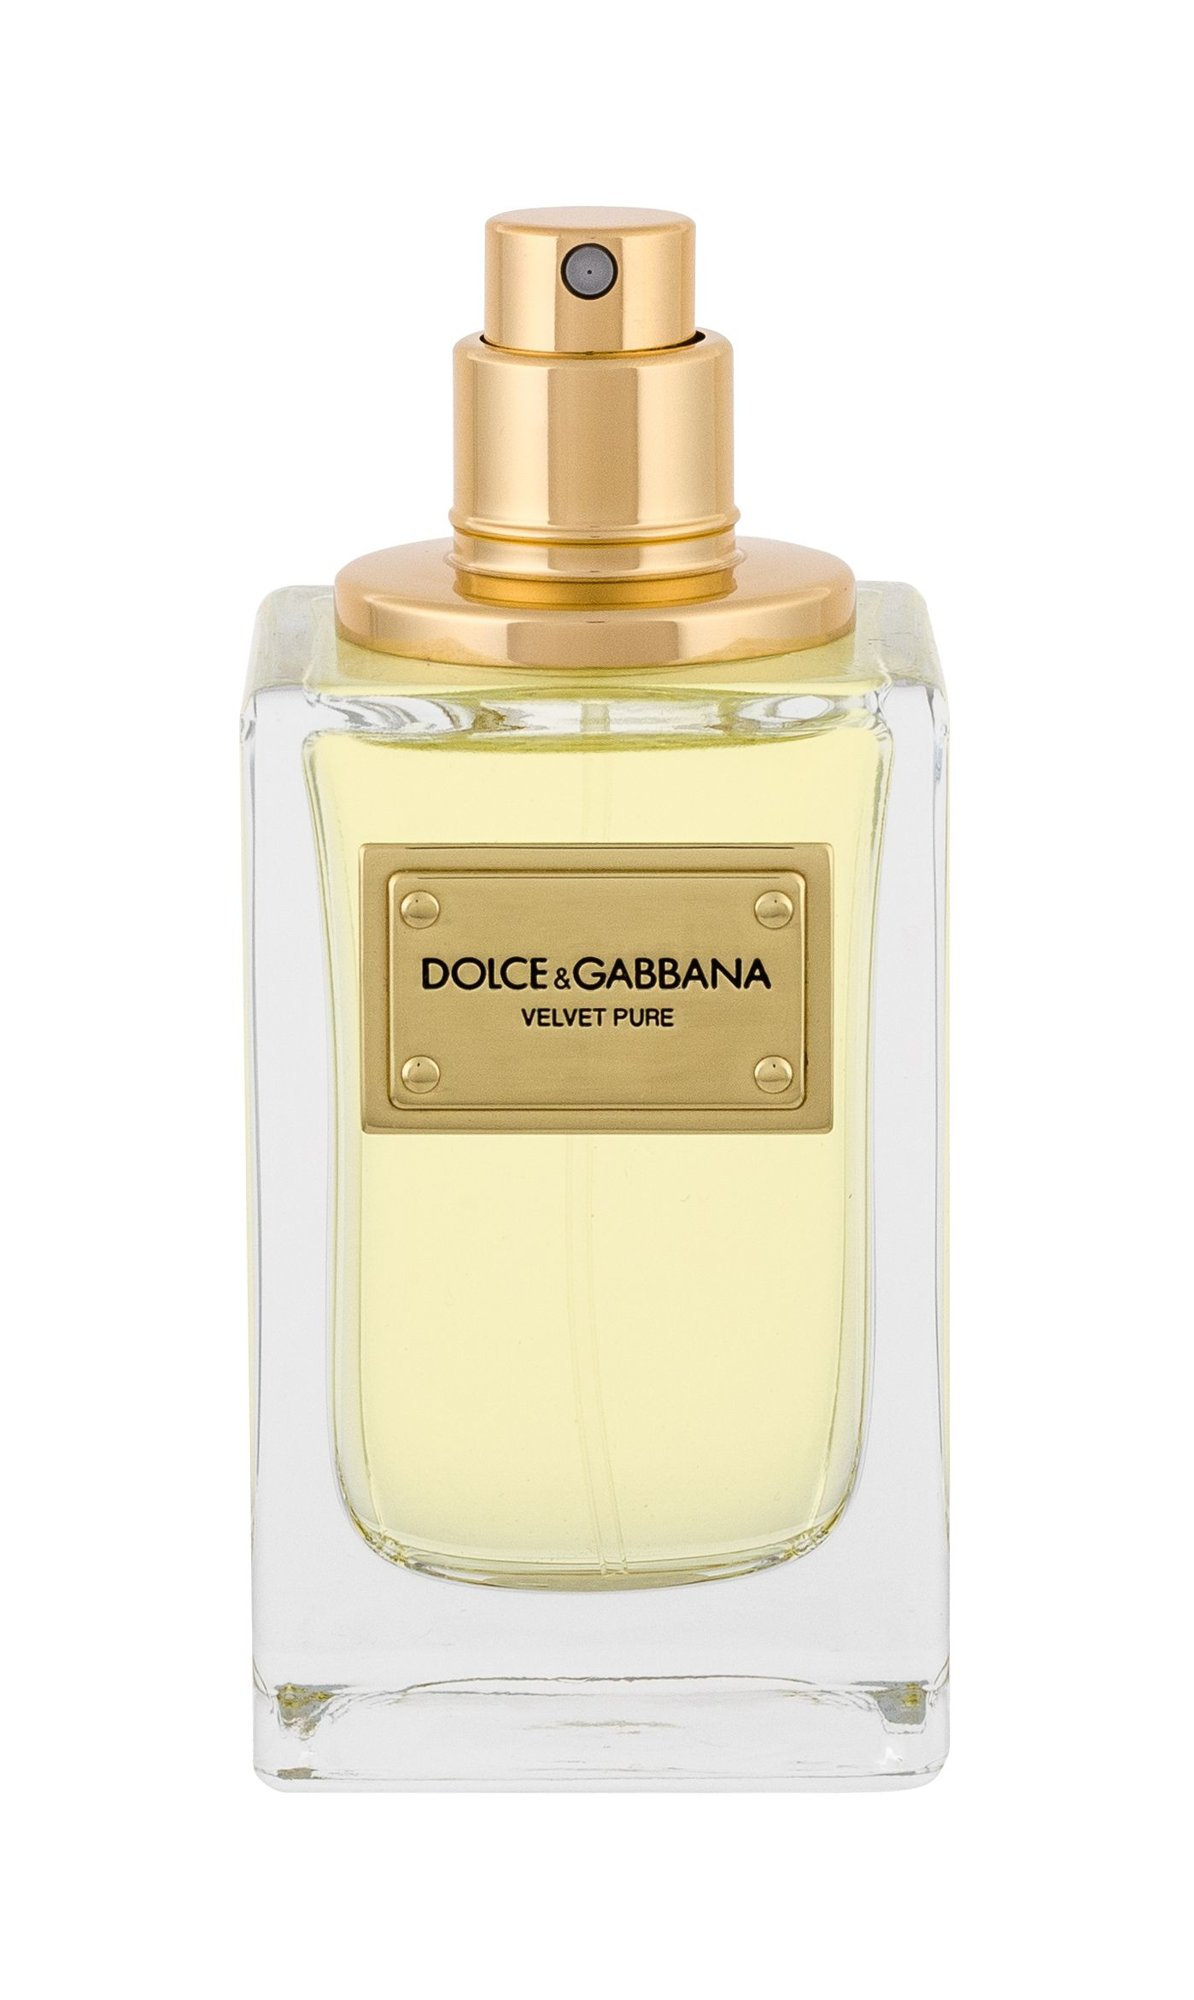 Dolce&Gabbana Velvet Pure Eau de Parfum 50ml